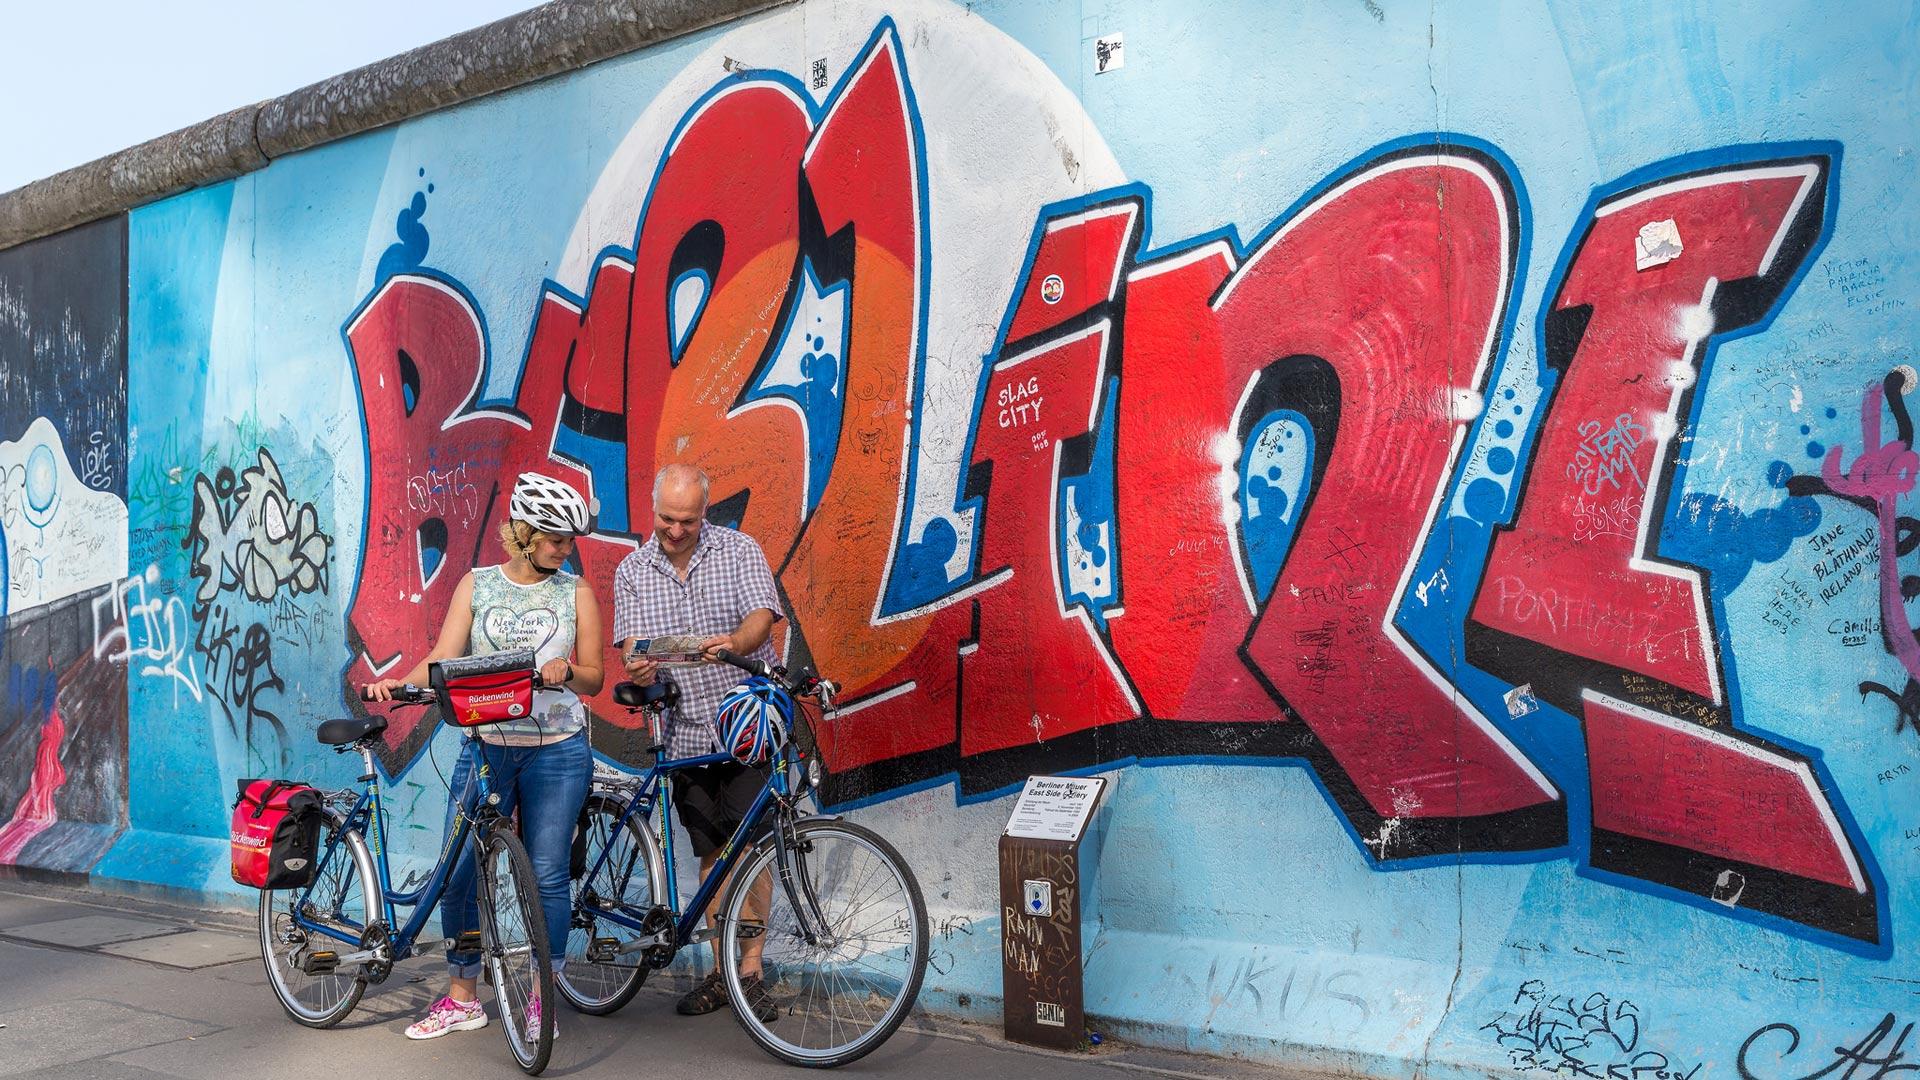 De muur in Berlijn, een van de highlights tijdens een fiets-vaarvakantie in Berlijn. © SE-Tours